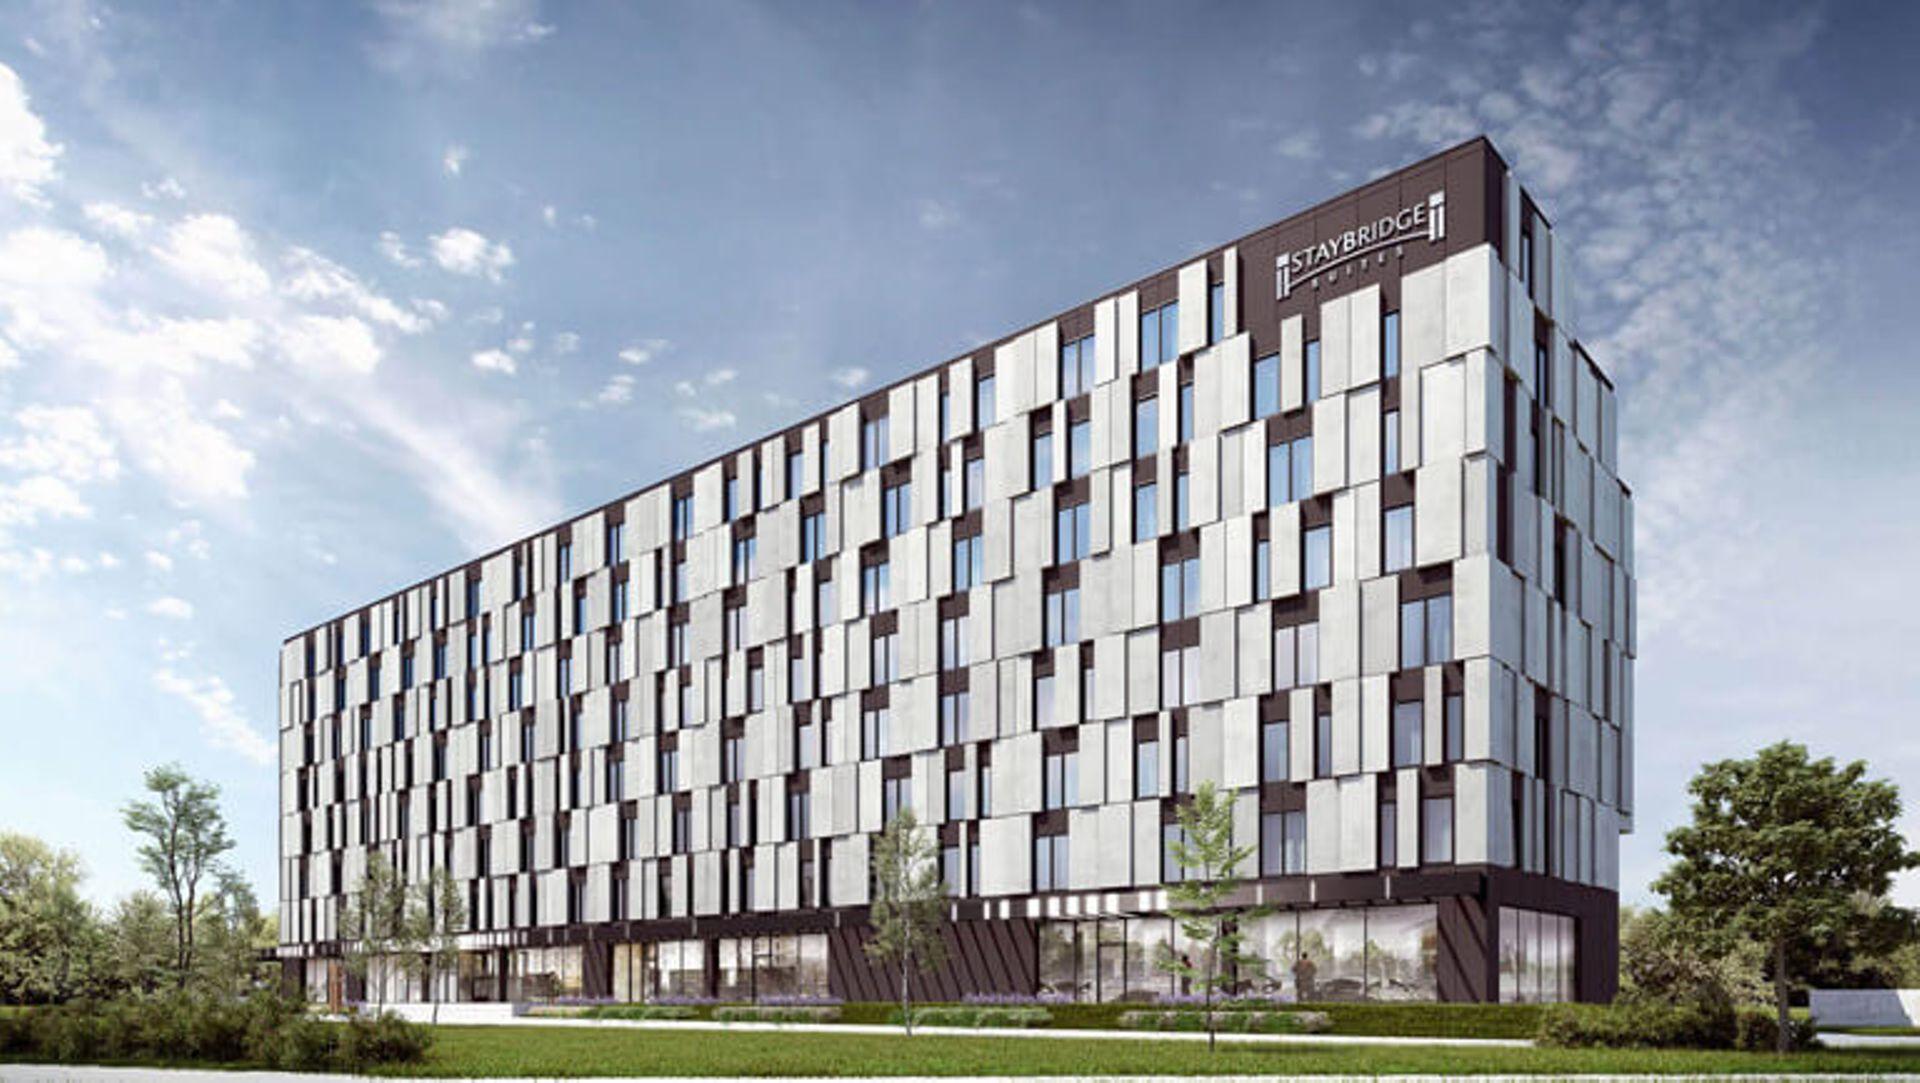 Staybridge Suites Warszawa Ursynów – powstaje pierwszy w Polsce hotel tej marki